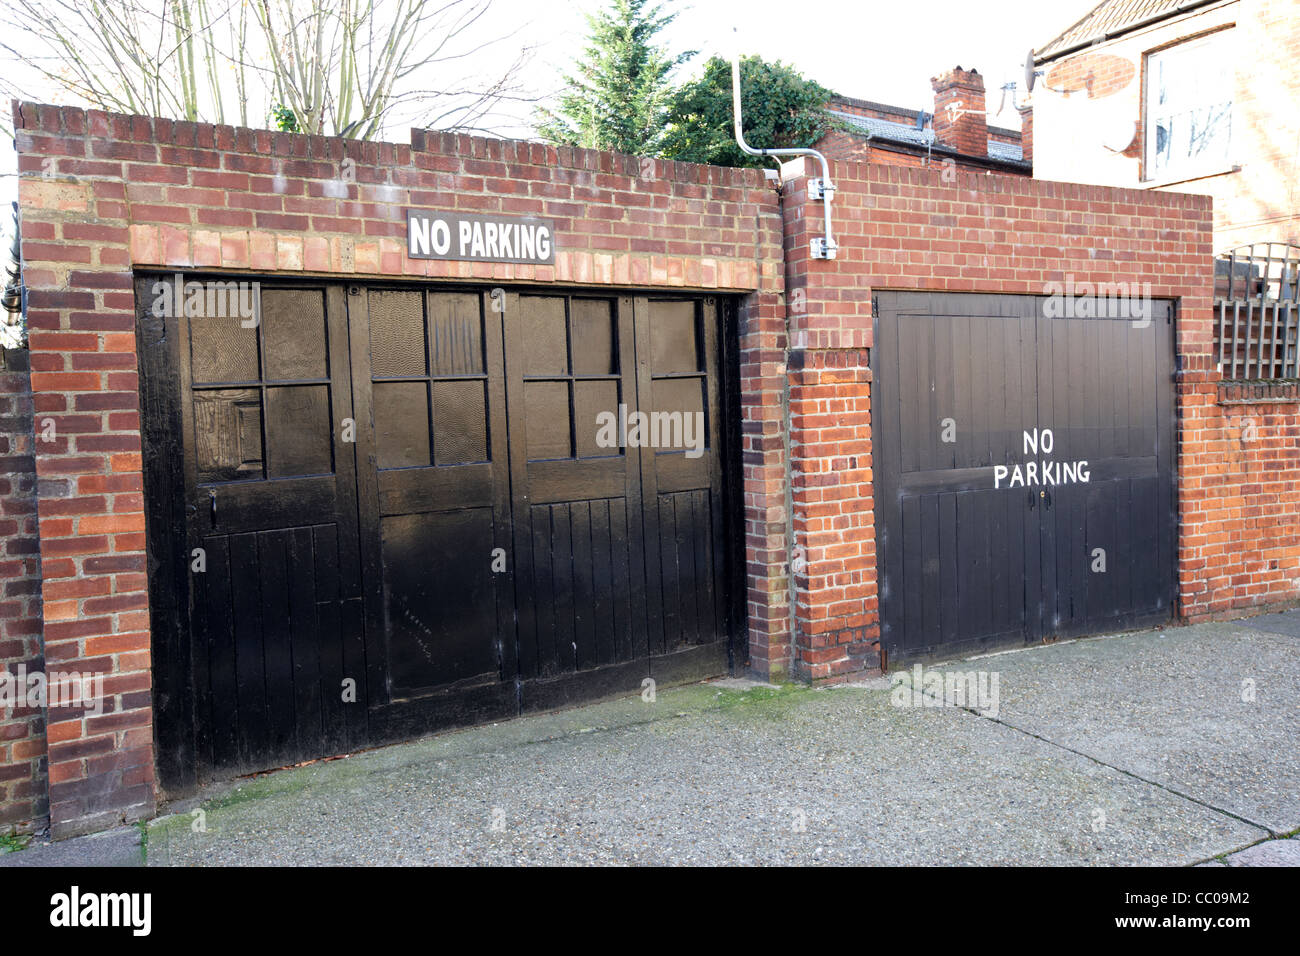 Garajes dobles antiguas sin señales de aparcamiento en la calle en el norte de Londres England Reino Unido Imagen De Stock